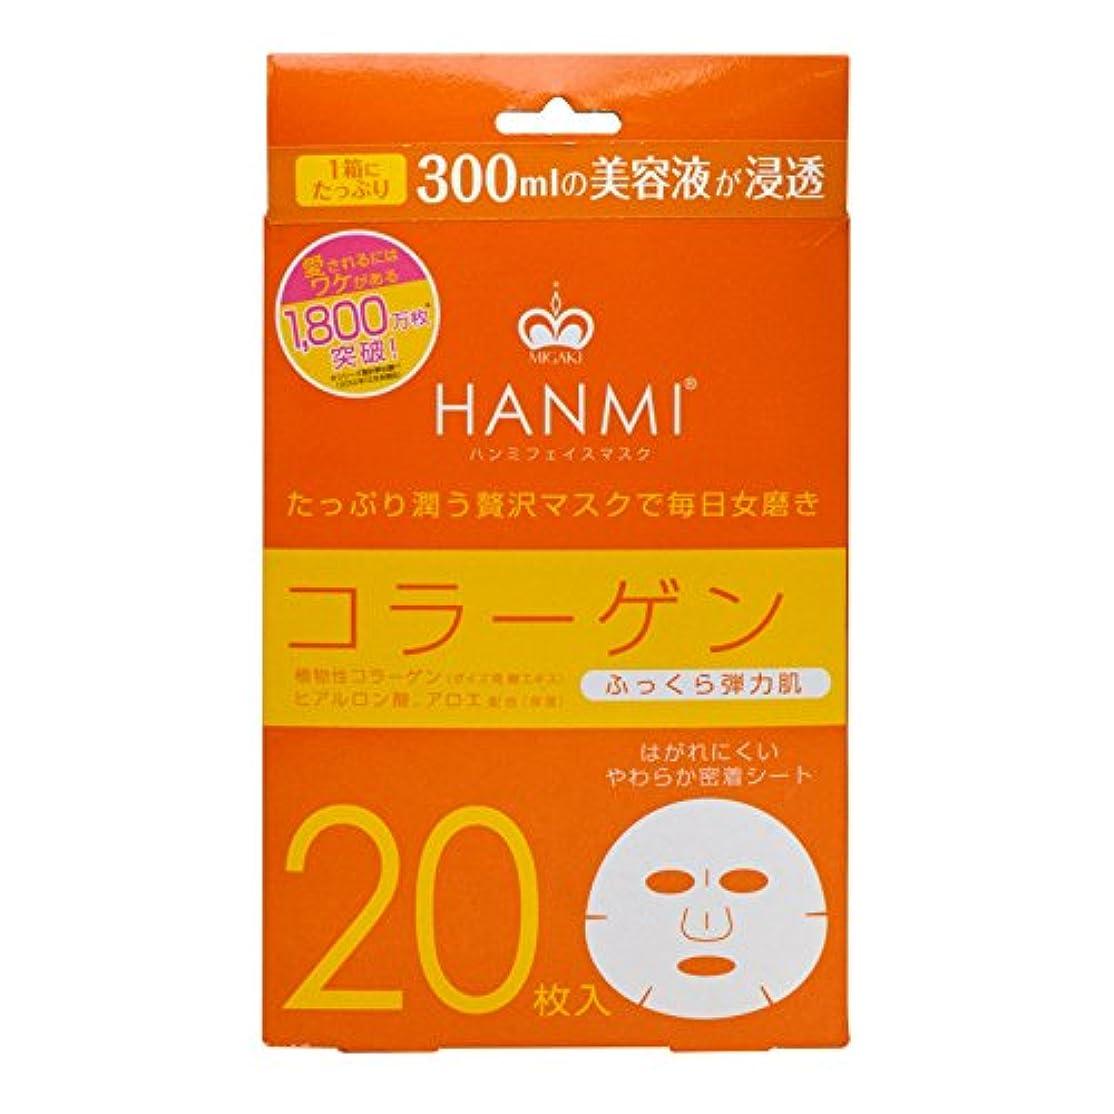 周囲含意割り込みMIGAKI ハンミフェイスマスク コラーゲン 20枚入り